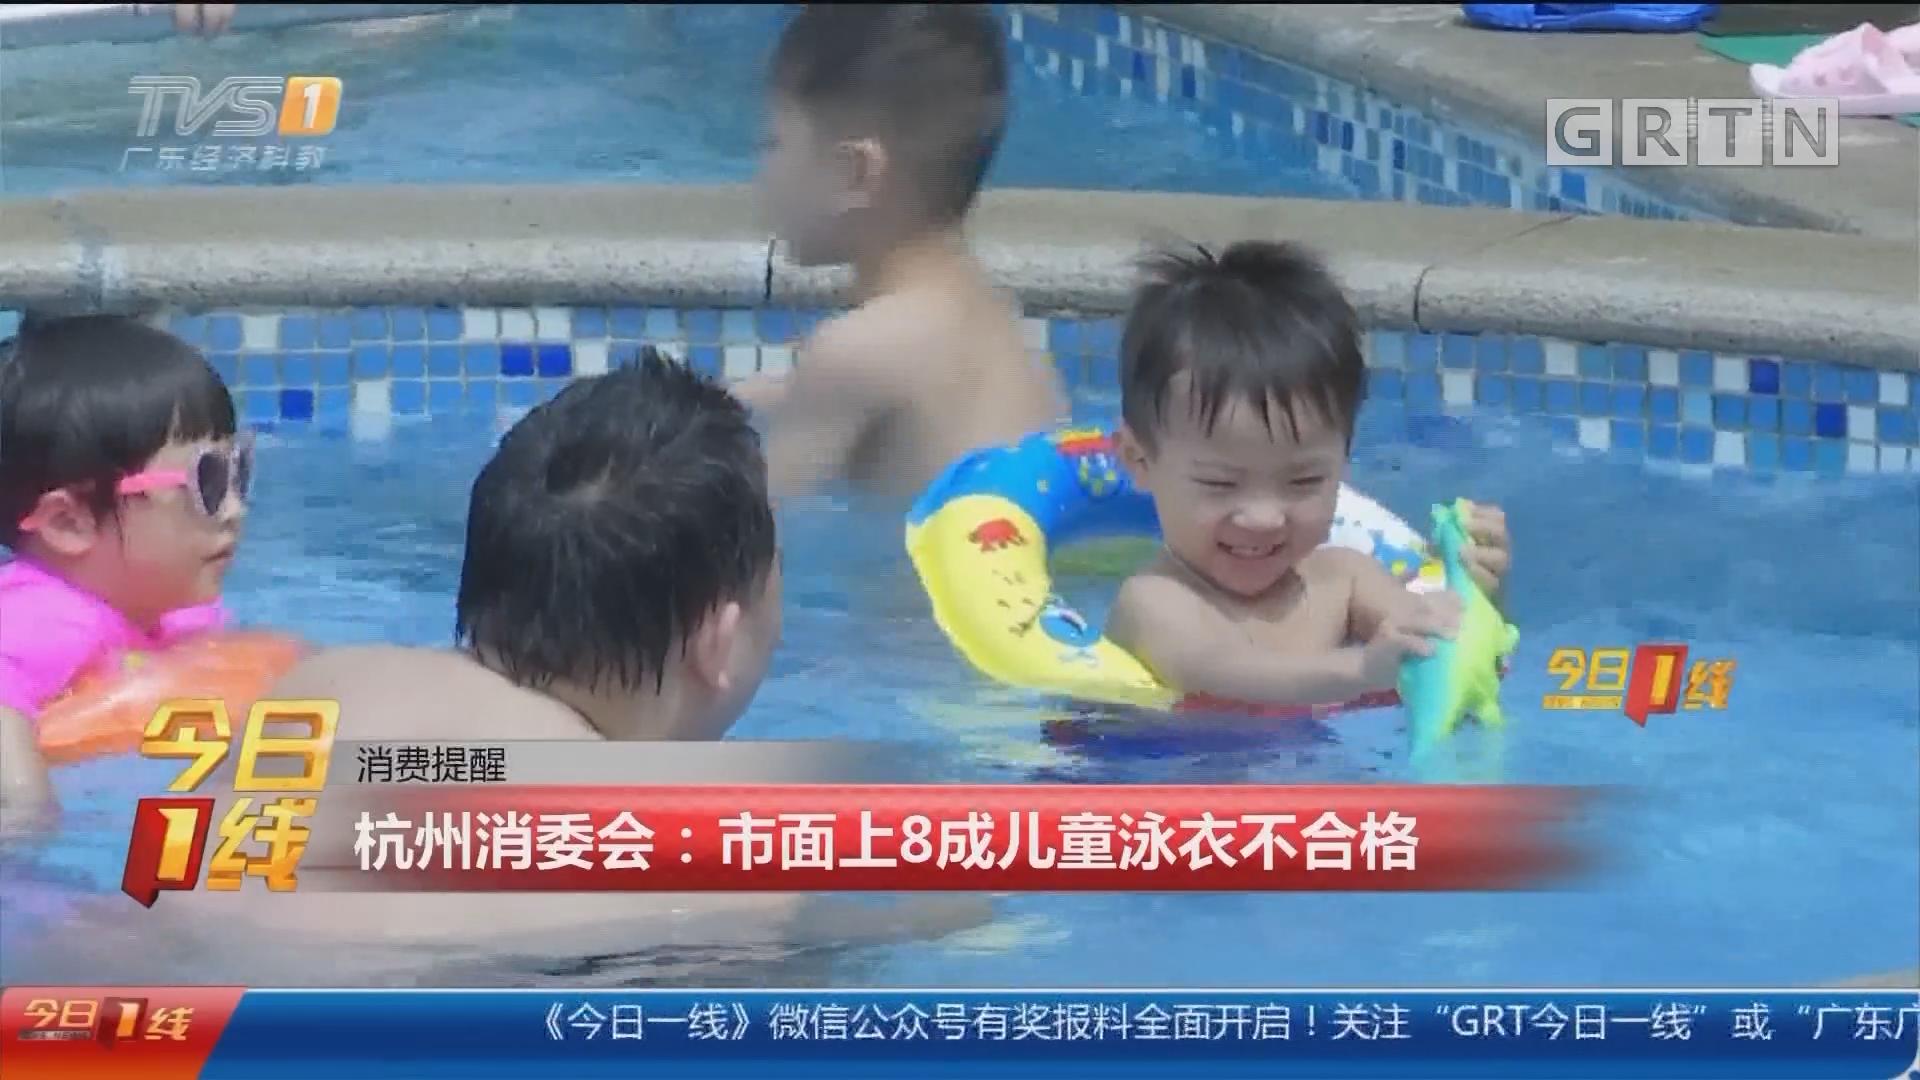 消费提醒 杭州消委会:市面上8成儿童泳衣不合格